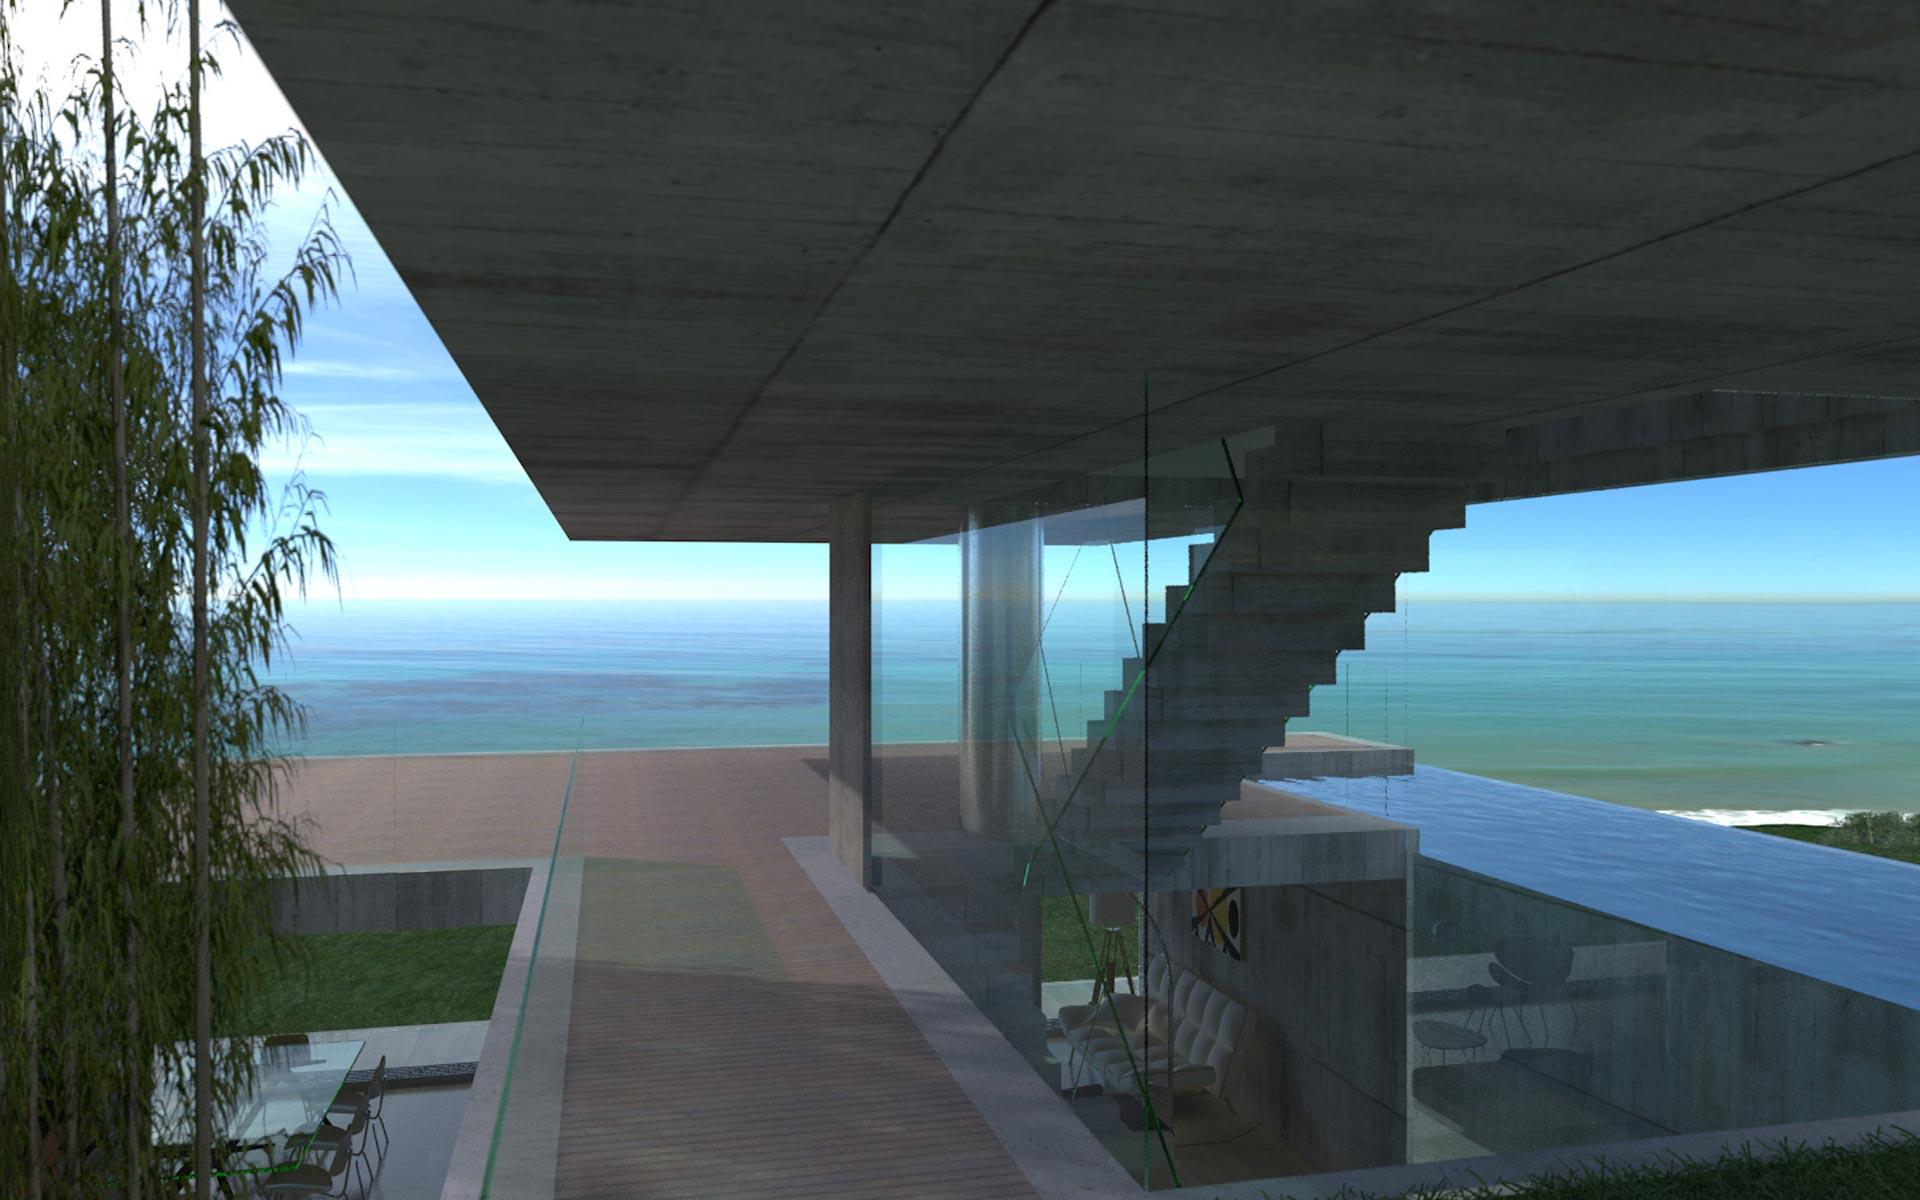 Arquitectura, casa minimalista en barrio cerrado en la playa de hormigón visto, acceso con vistas al horizonte y doble altura